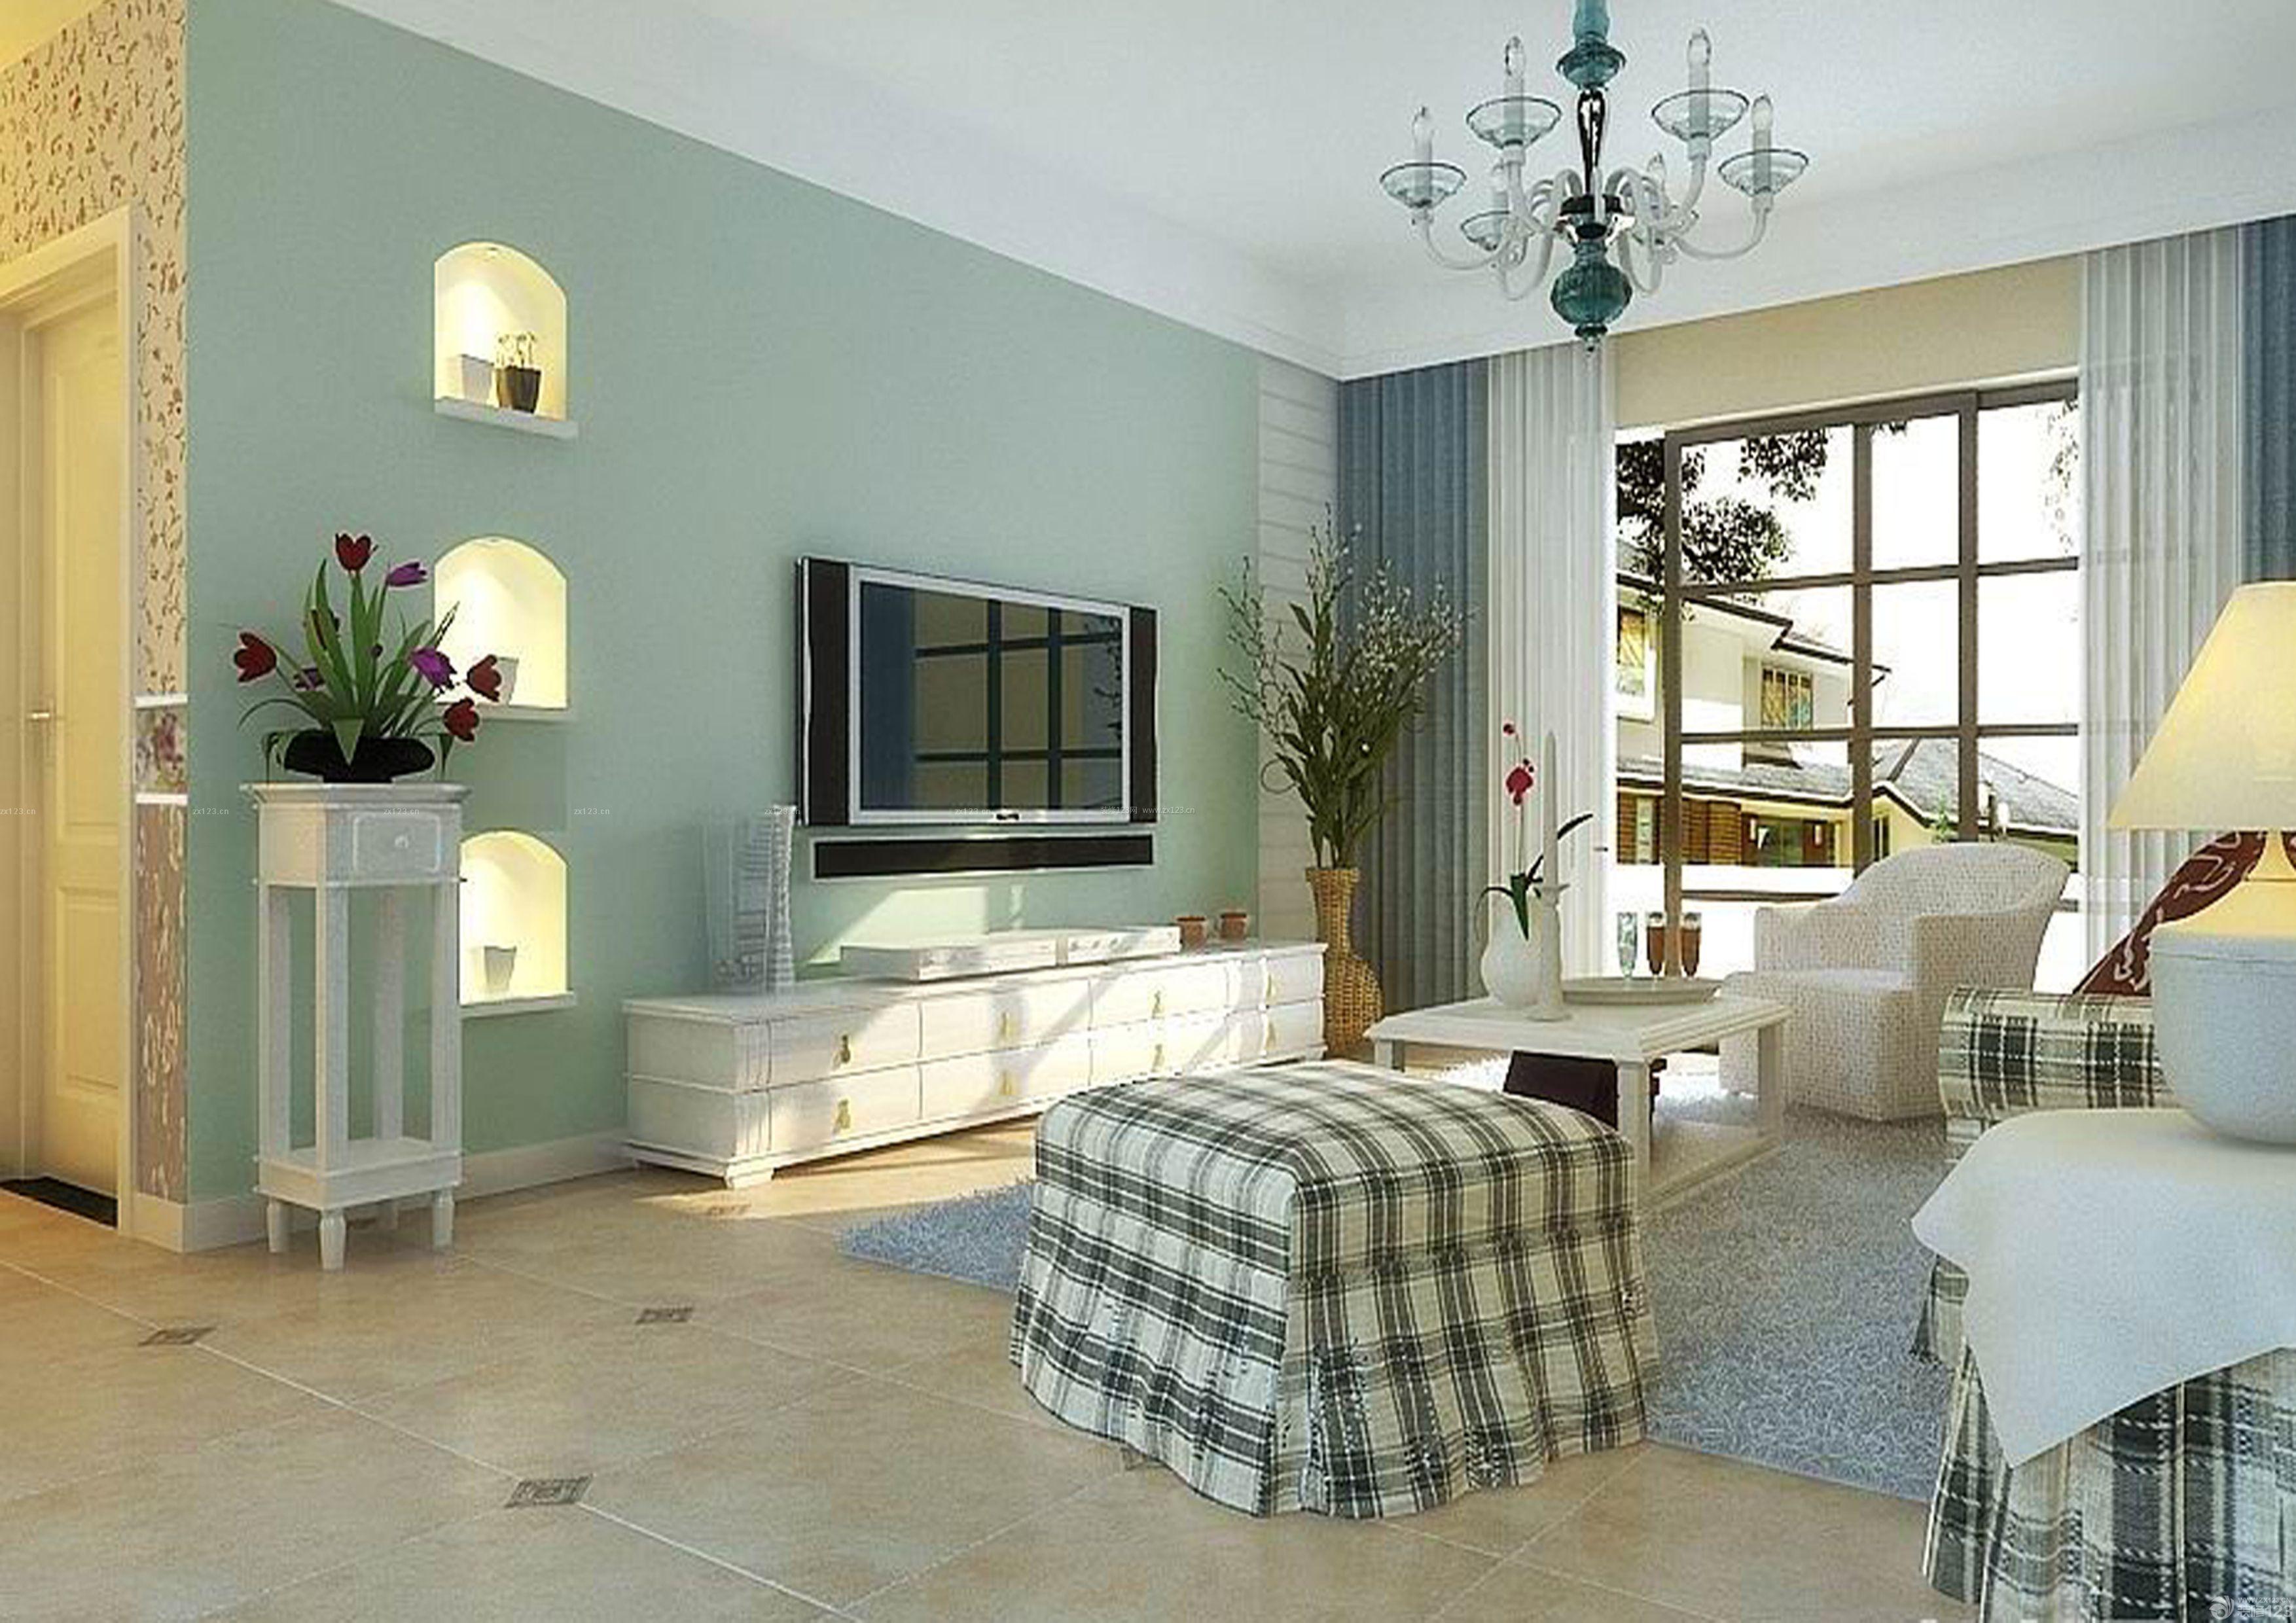 客厅装修颜色搭配_装修墙面用什么颜色(客厅颜色,餐厅颜色,卧室颜色)-装修 ...